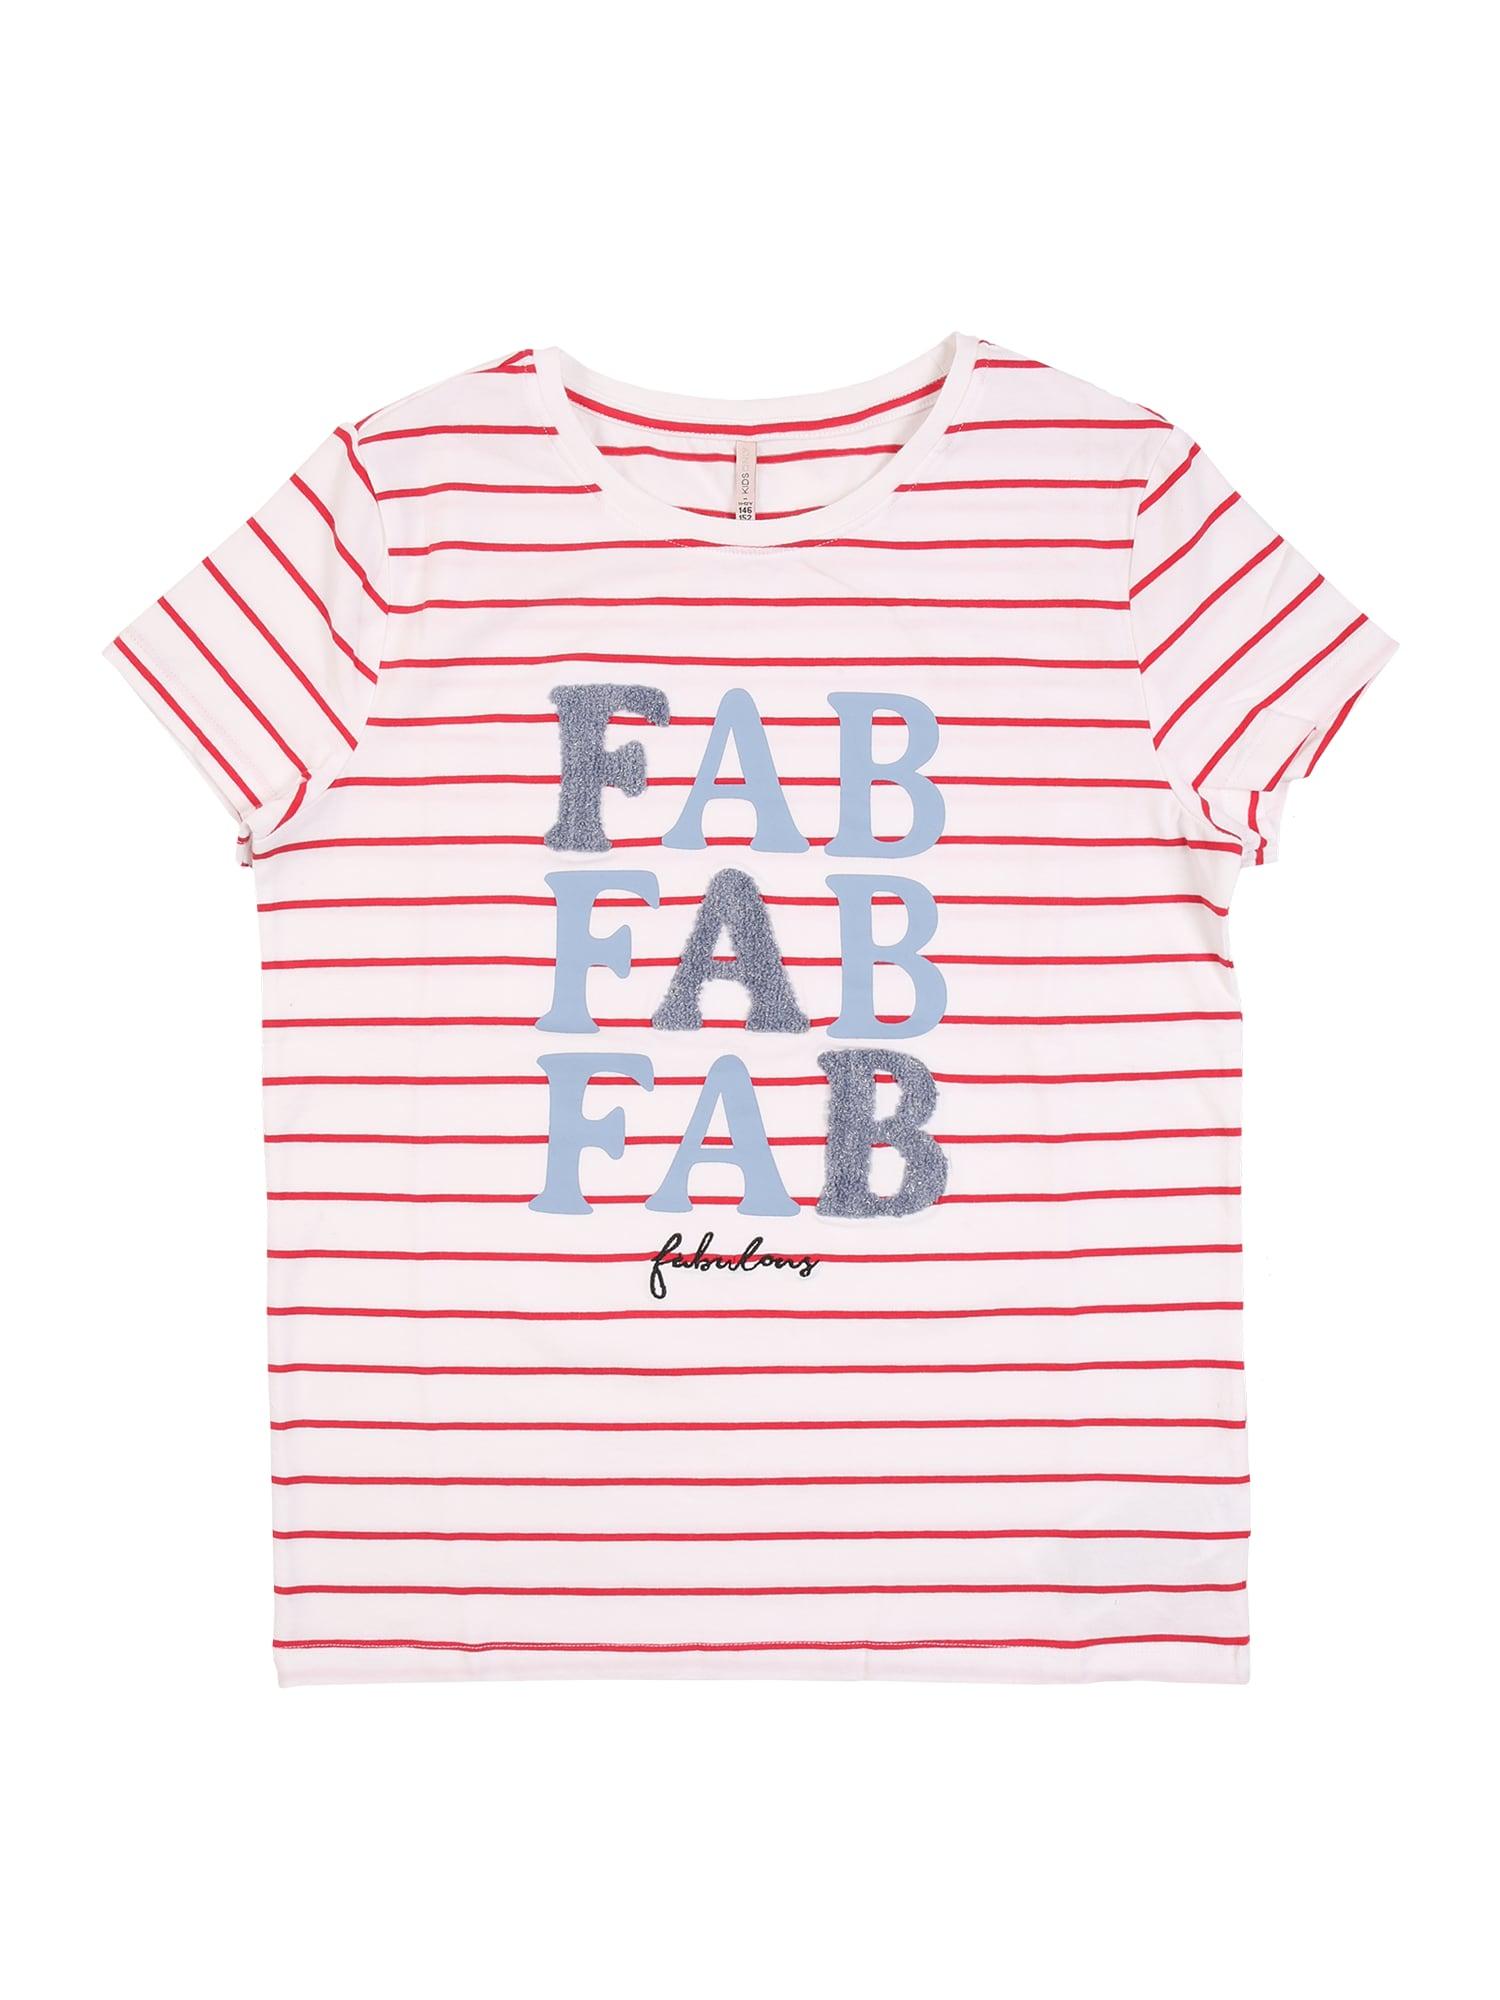 KIDS ONLY Marškinėliai balta / šviesiai raudona / mėlyna dūmų spalva / juoda